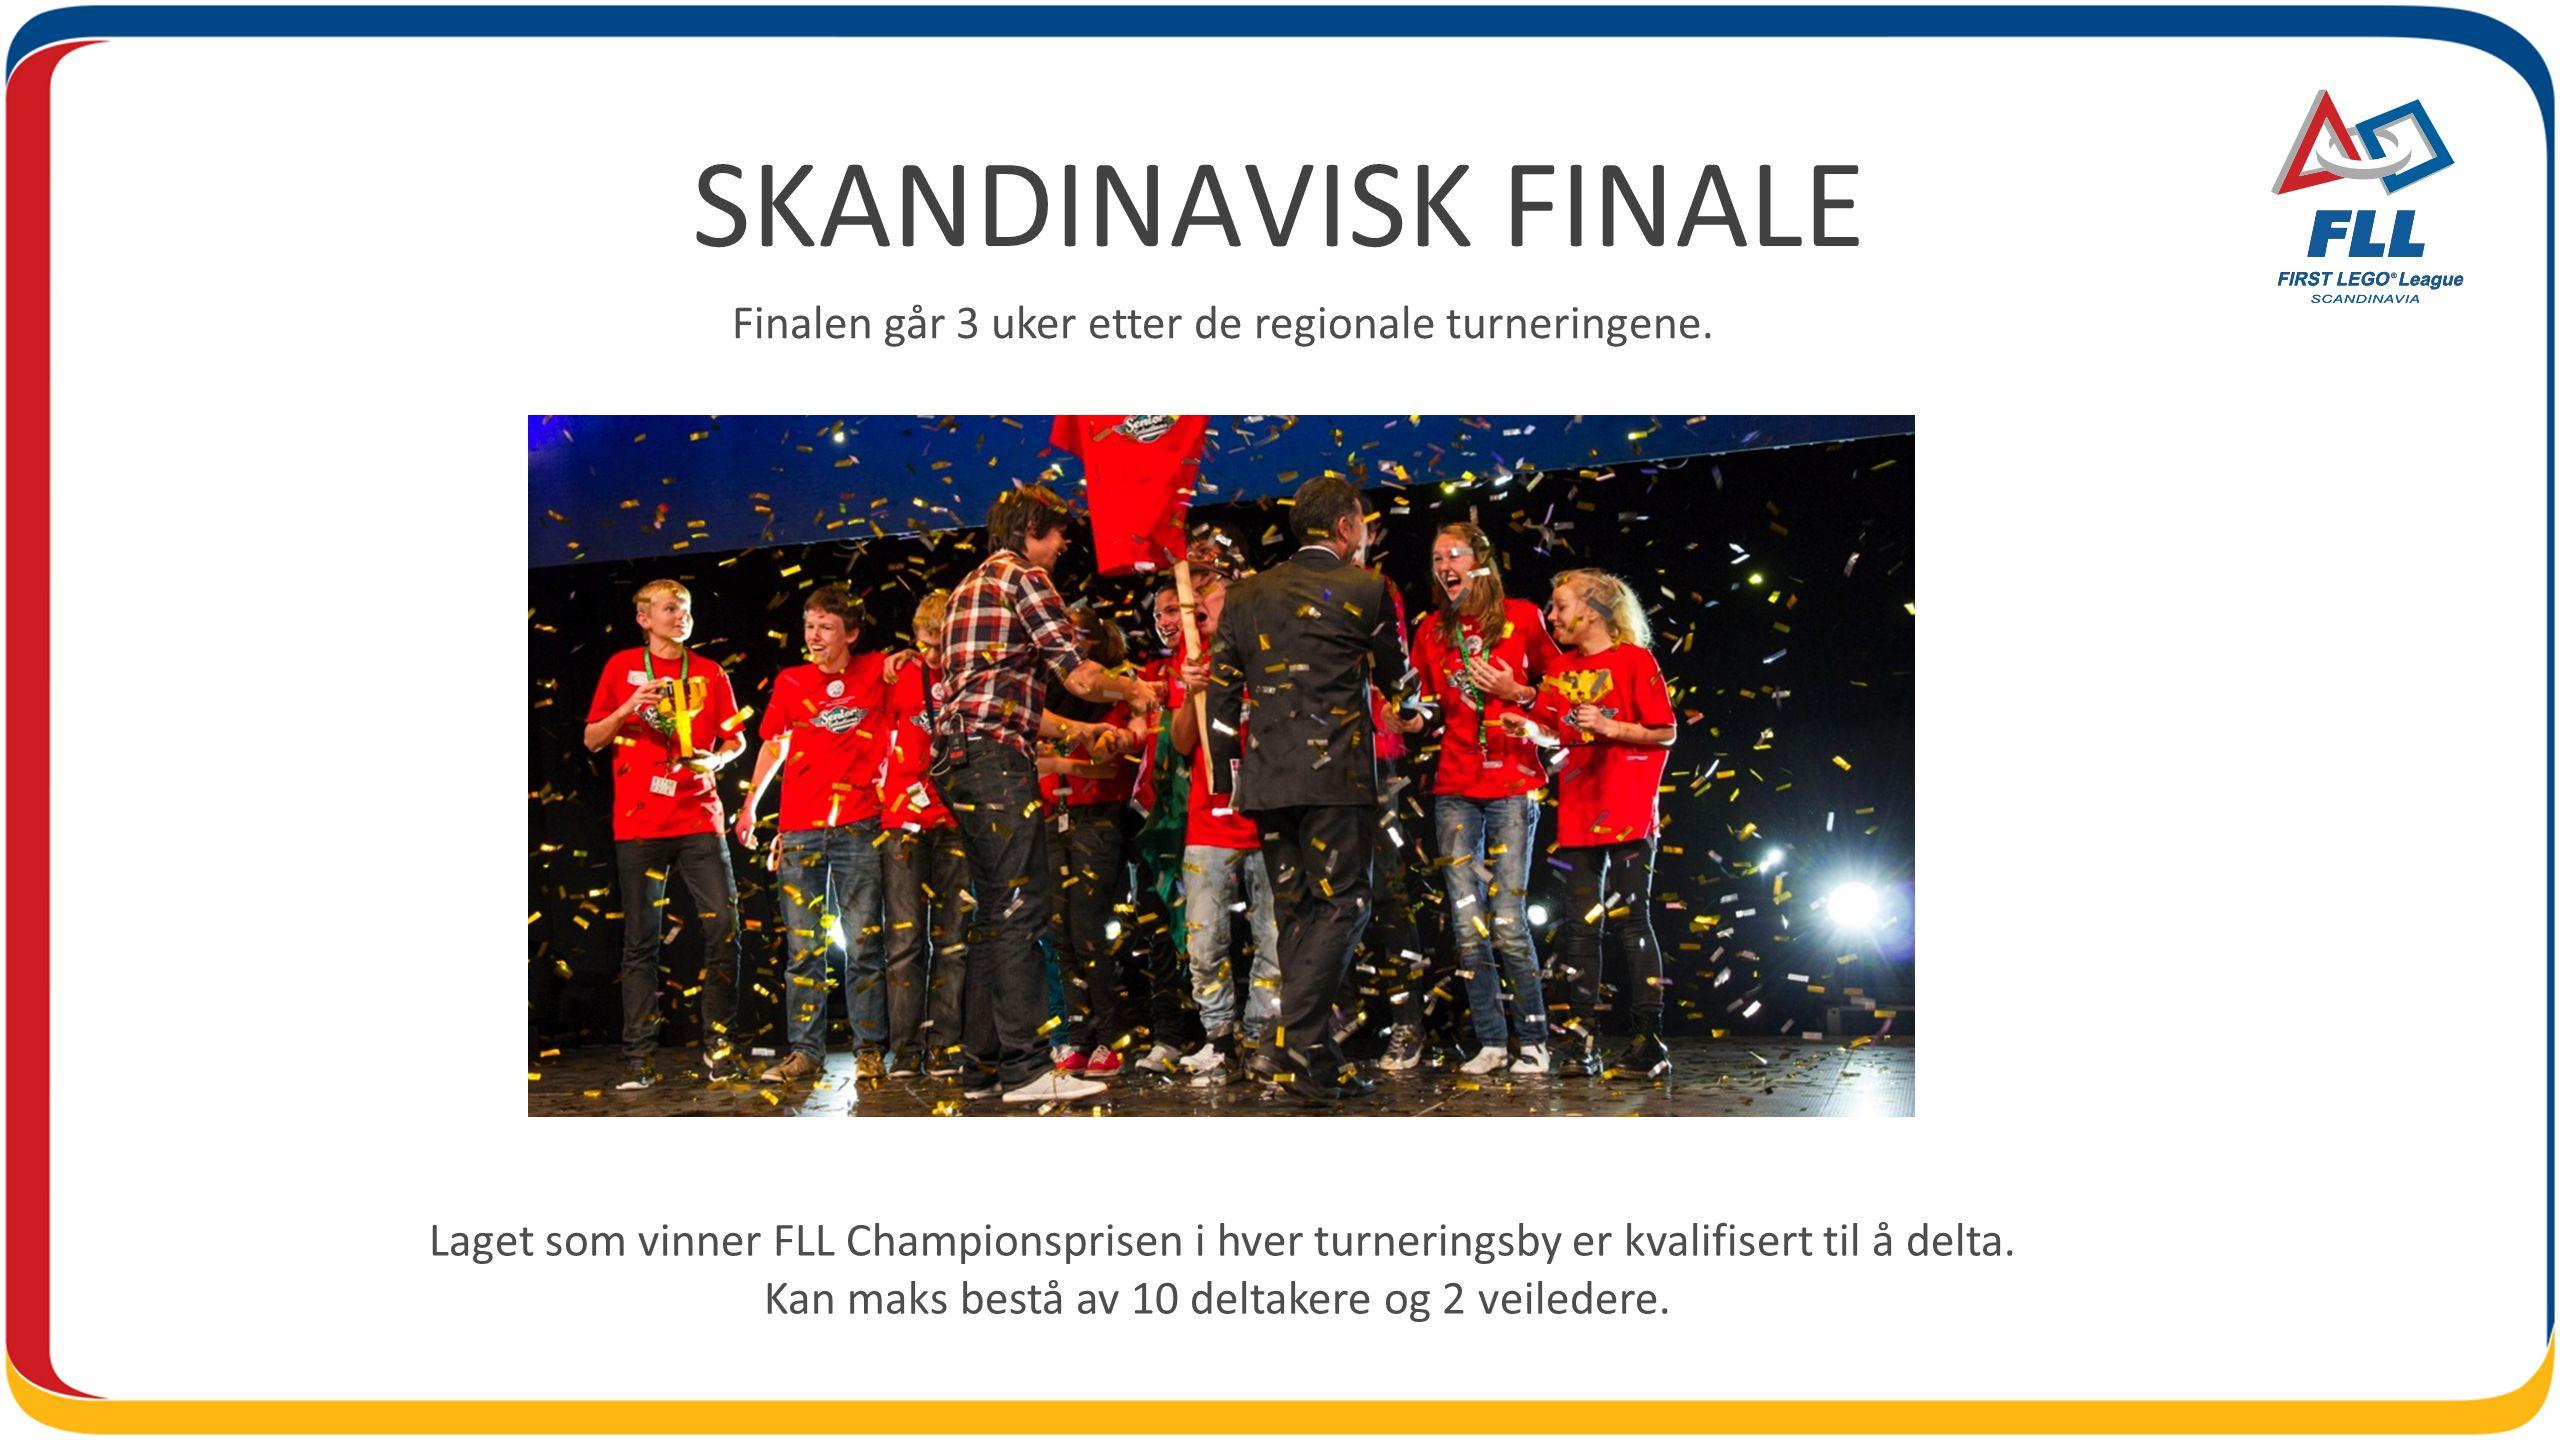 SKANDINAVISK FINALE Finalen går 3 uker etter de regionale turneringene.